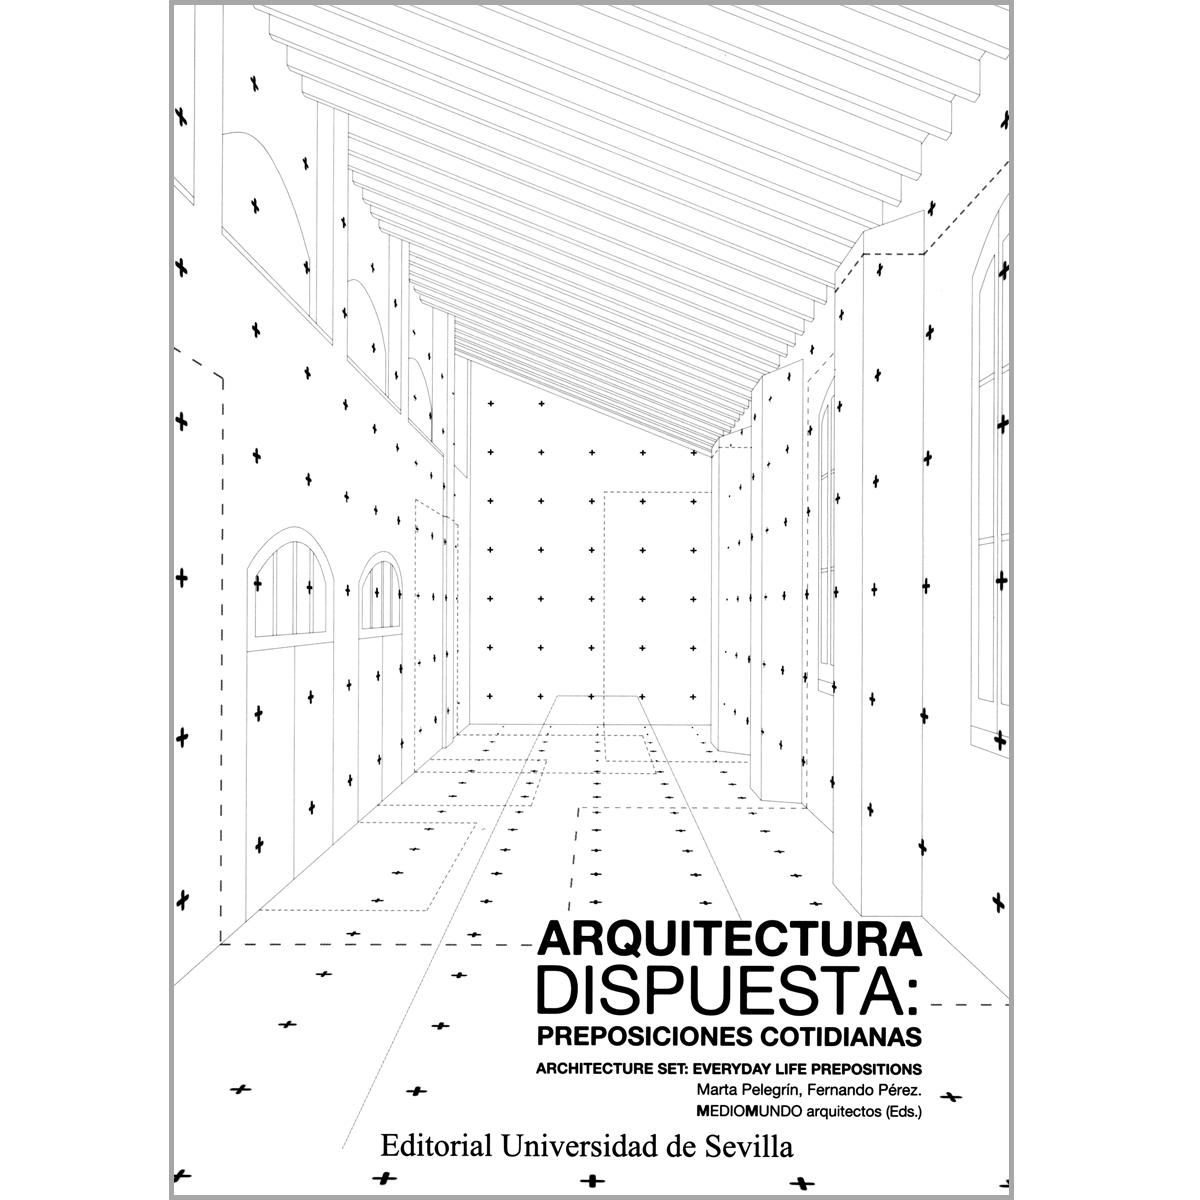 Arquitectura dispuesta